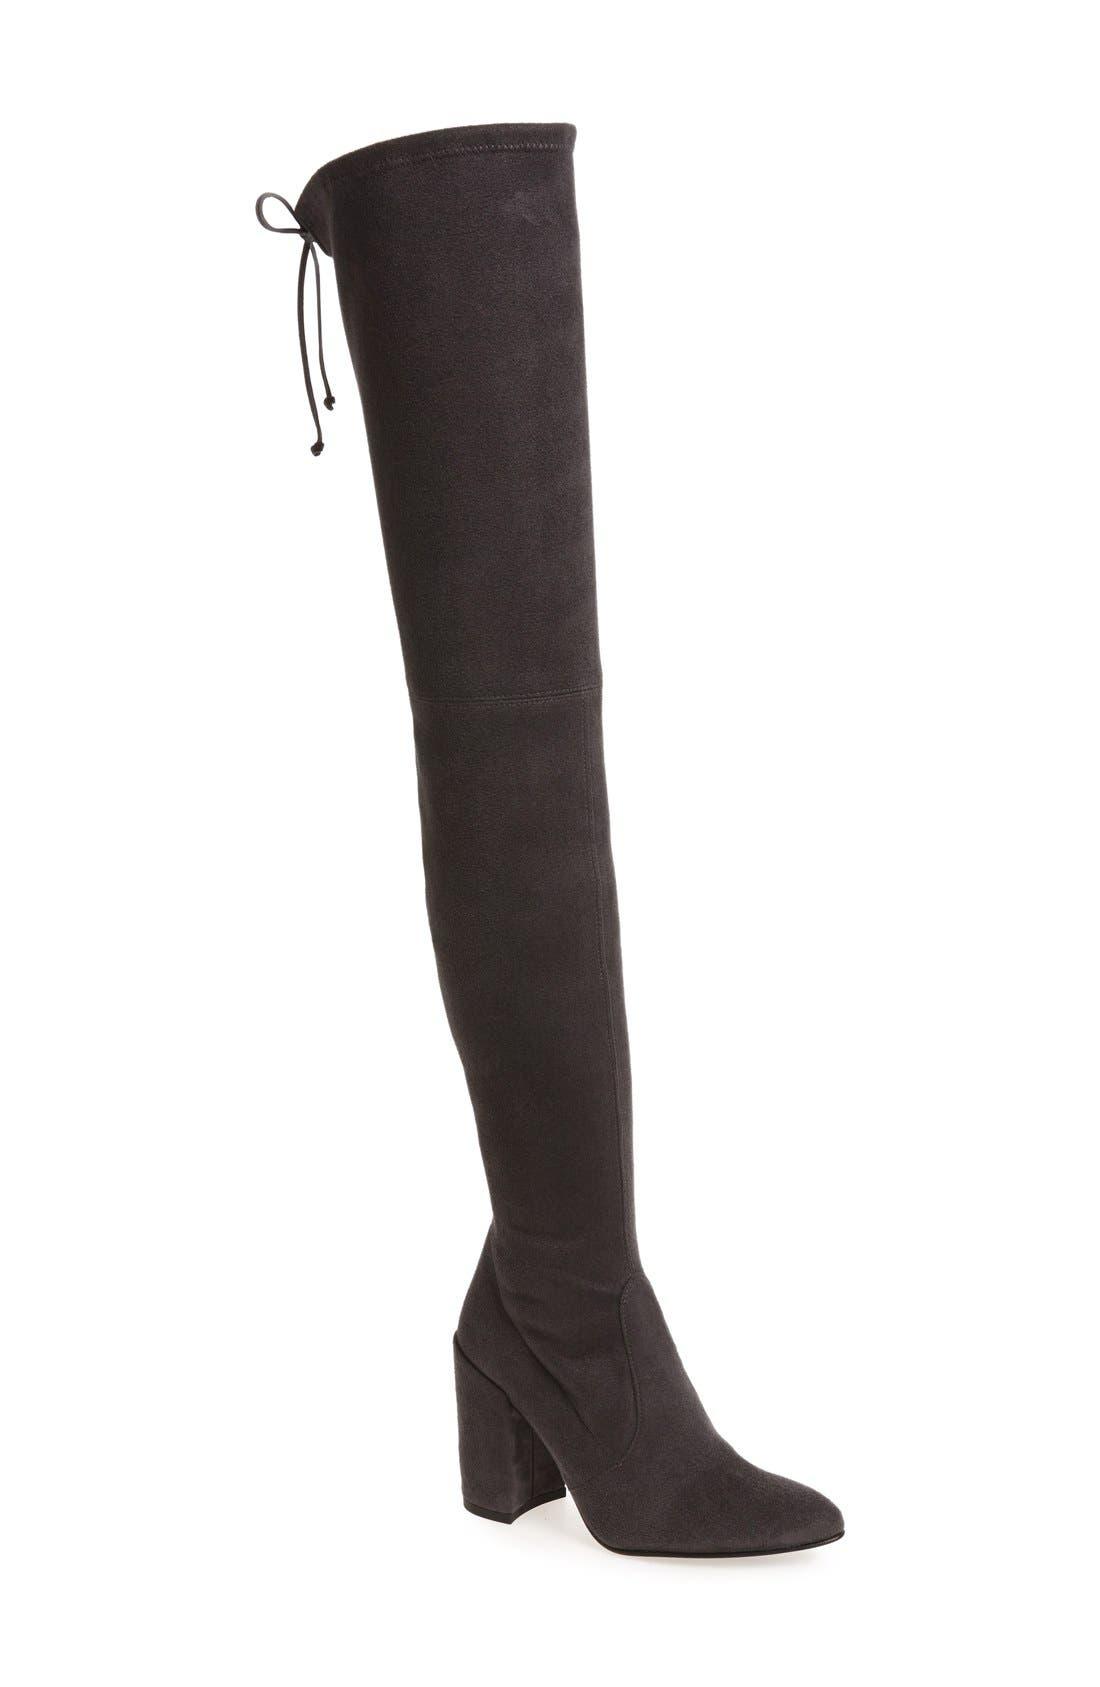 Alternate Image 1 Selected - Stuart Weitzman 'All Legs' Thigh High Boot (Women)